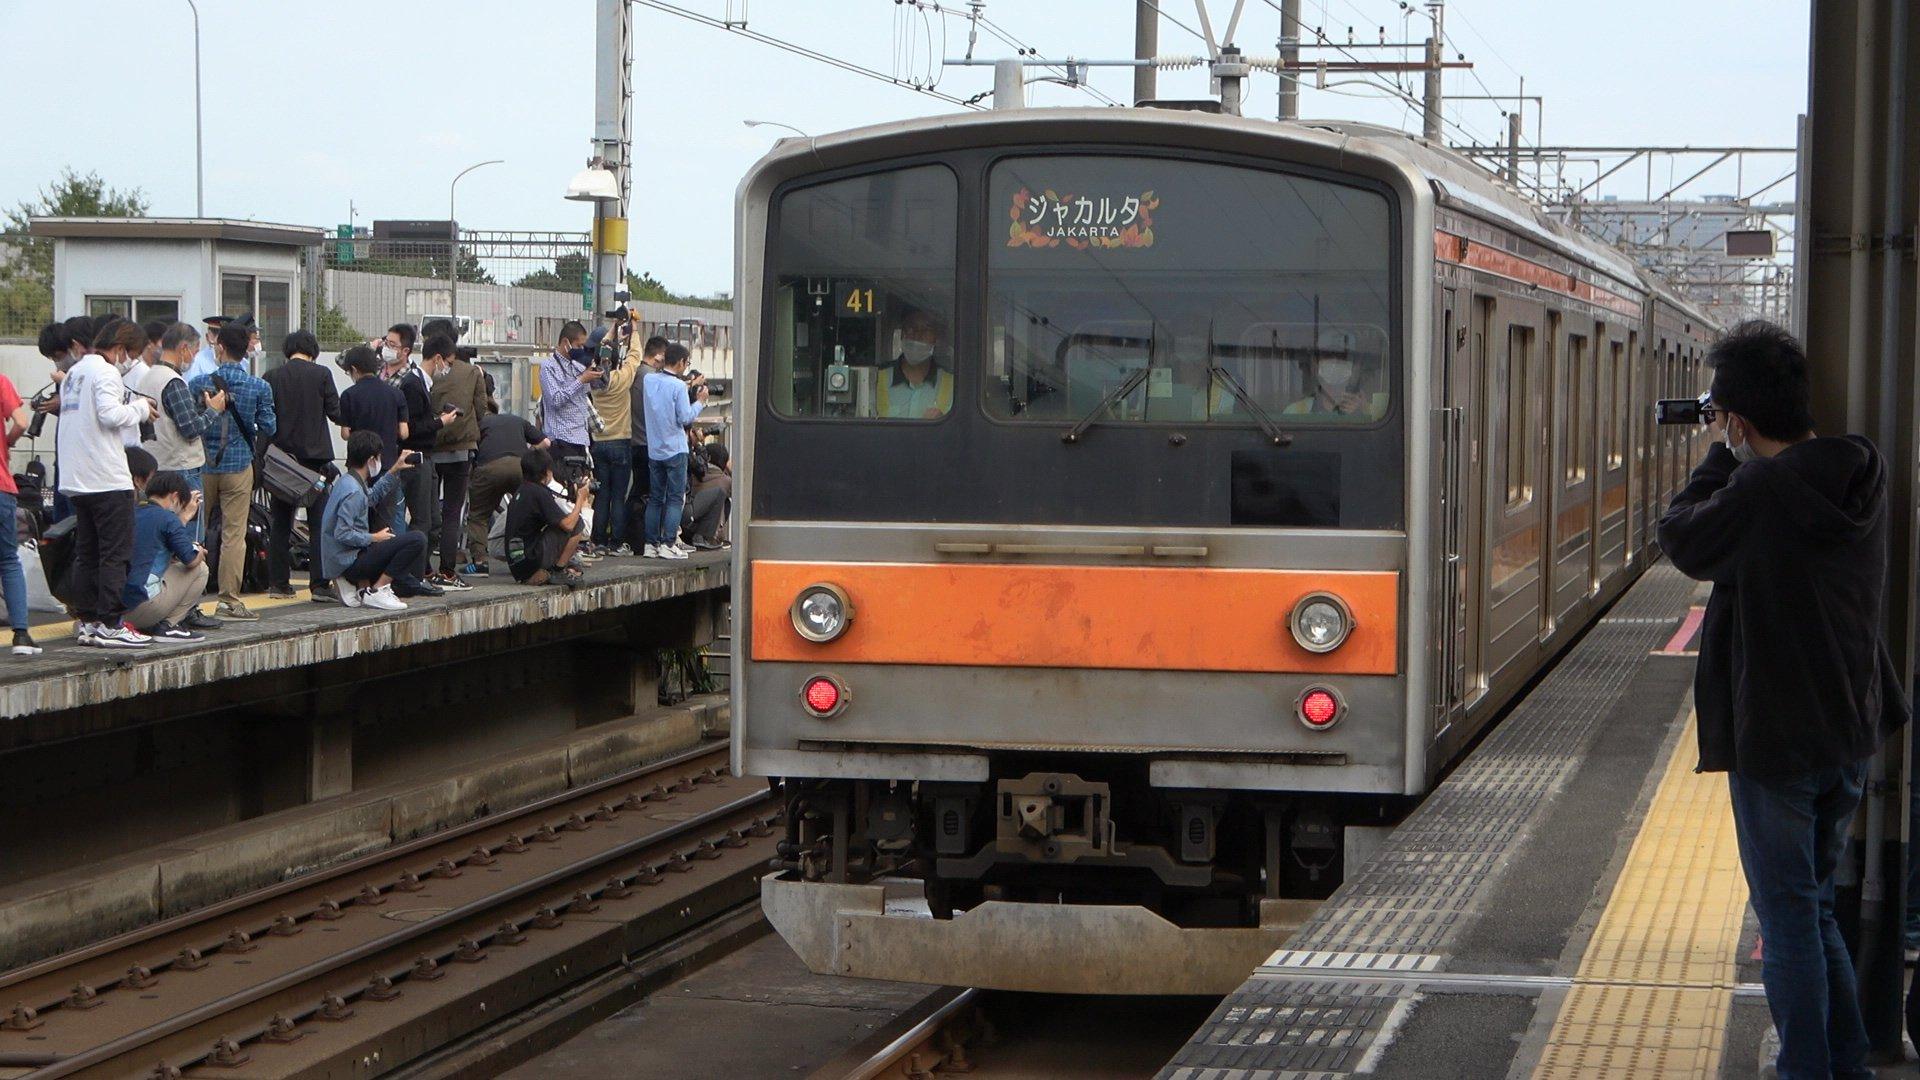 【ラスト2本】武蔵野線205系ケヨM17編成 ジャカルタ配給